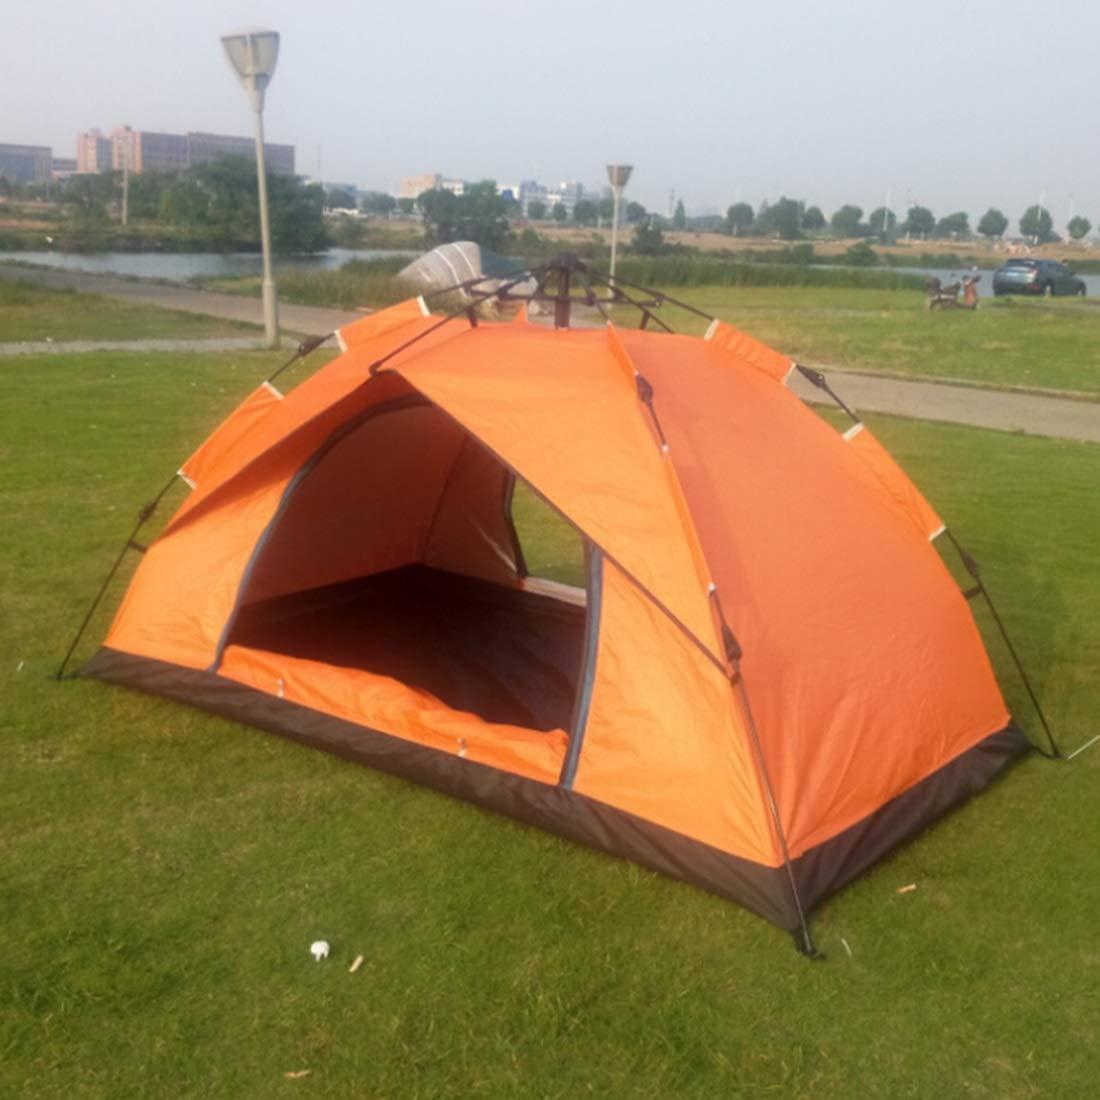 Fepelasi Wildes Camping für 3 und 4 Personen automatisches Zelt (Farbe : Orange)